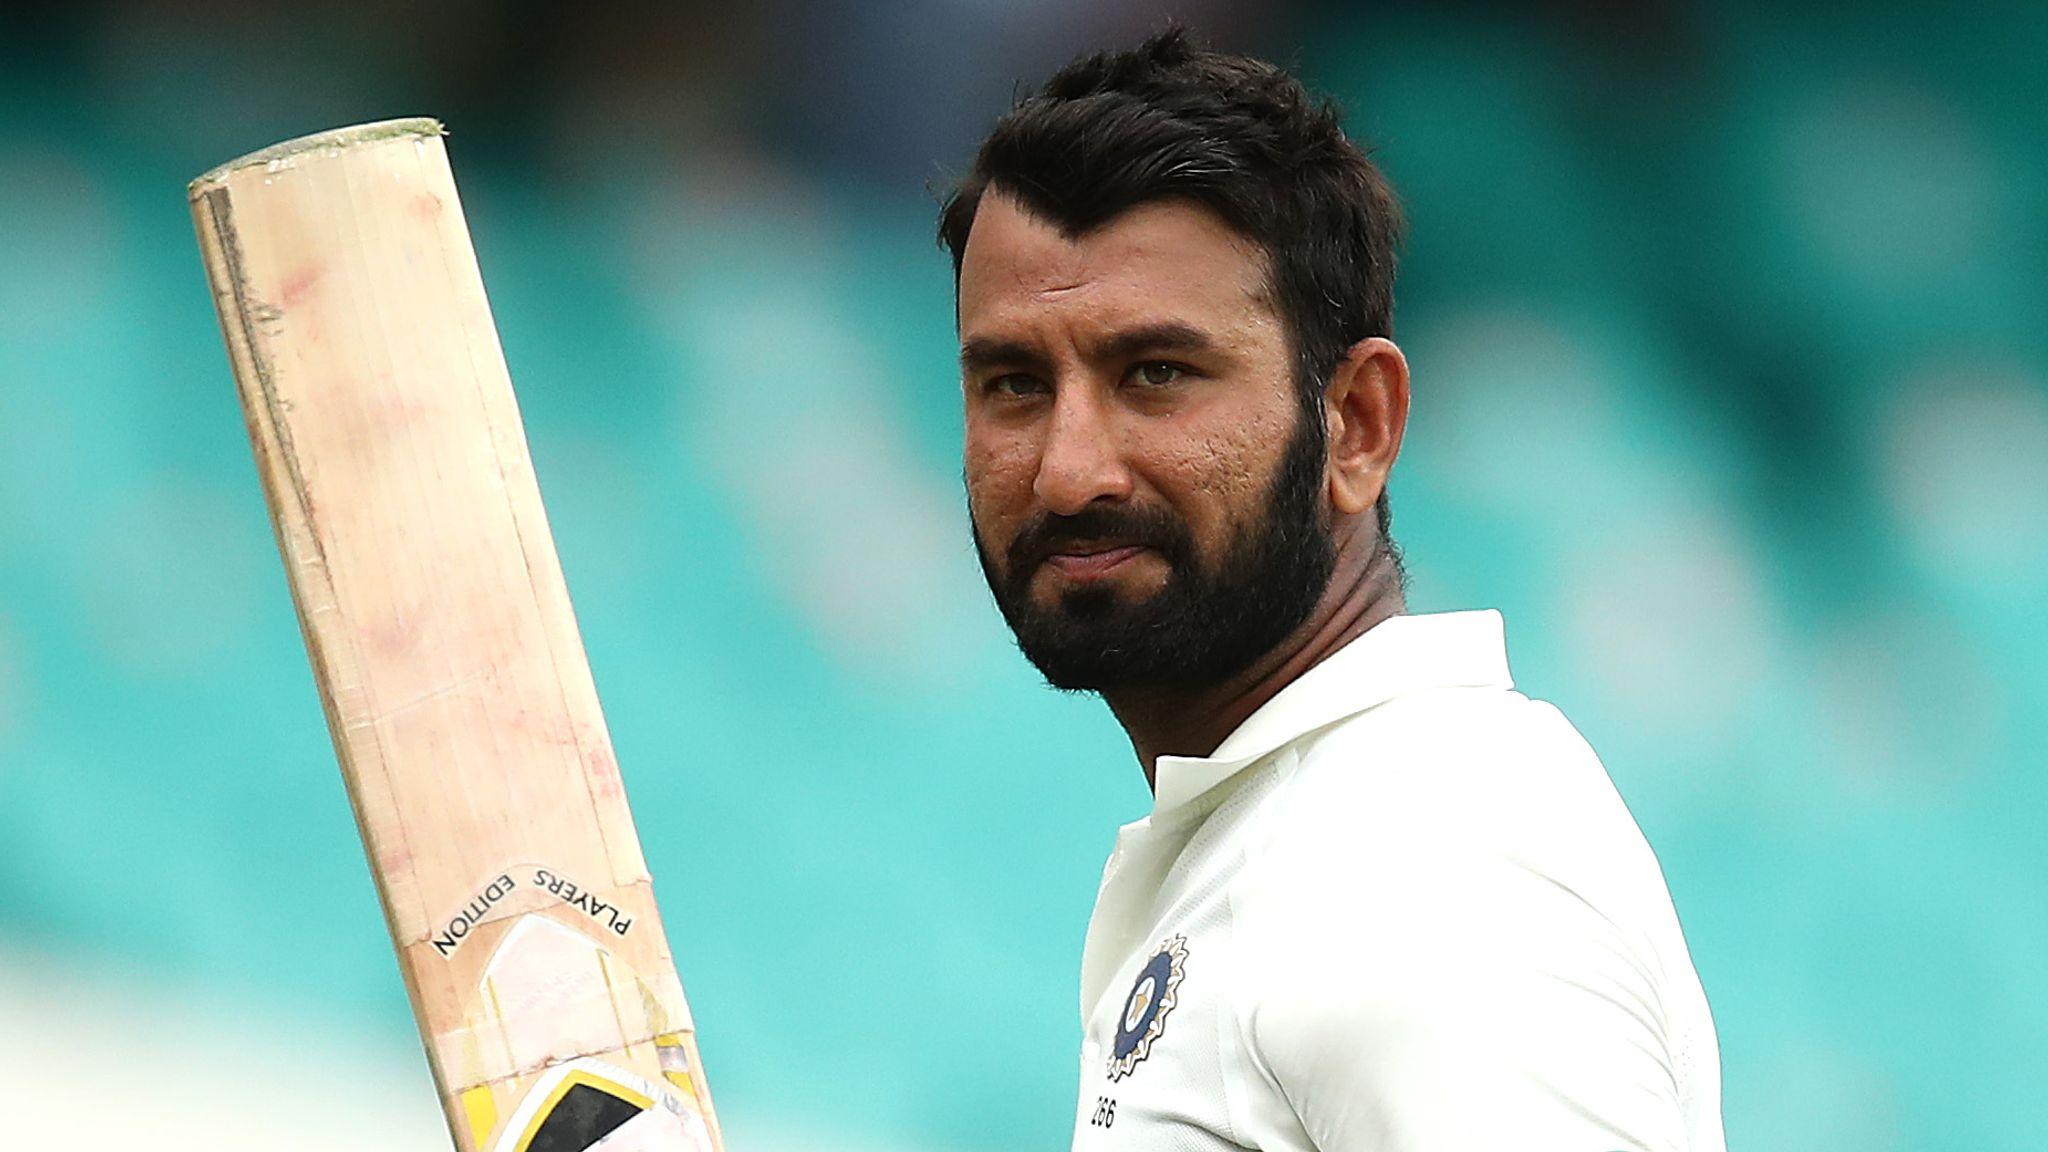 আইসিসি বিশ্ব টেস্ট চ্যাম্পিয়নশিপে সর্বাধিক রান করা পাঁচজন ভারতীয় ব্যাটসম্যান 2